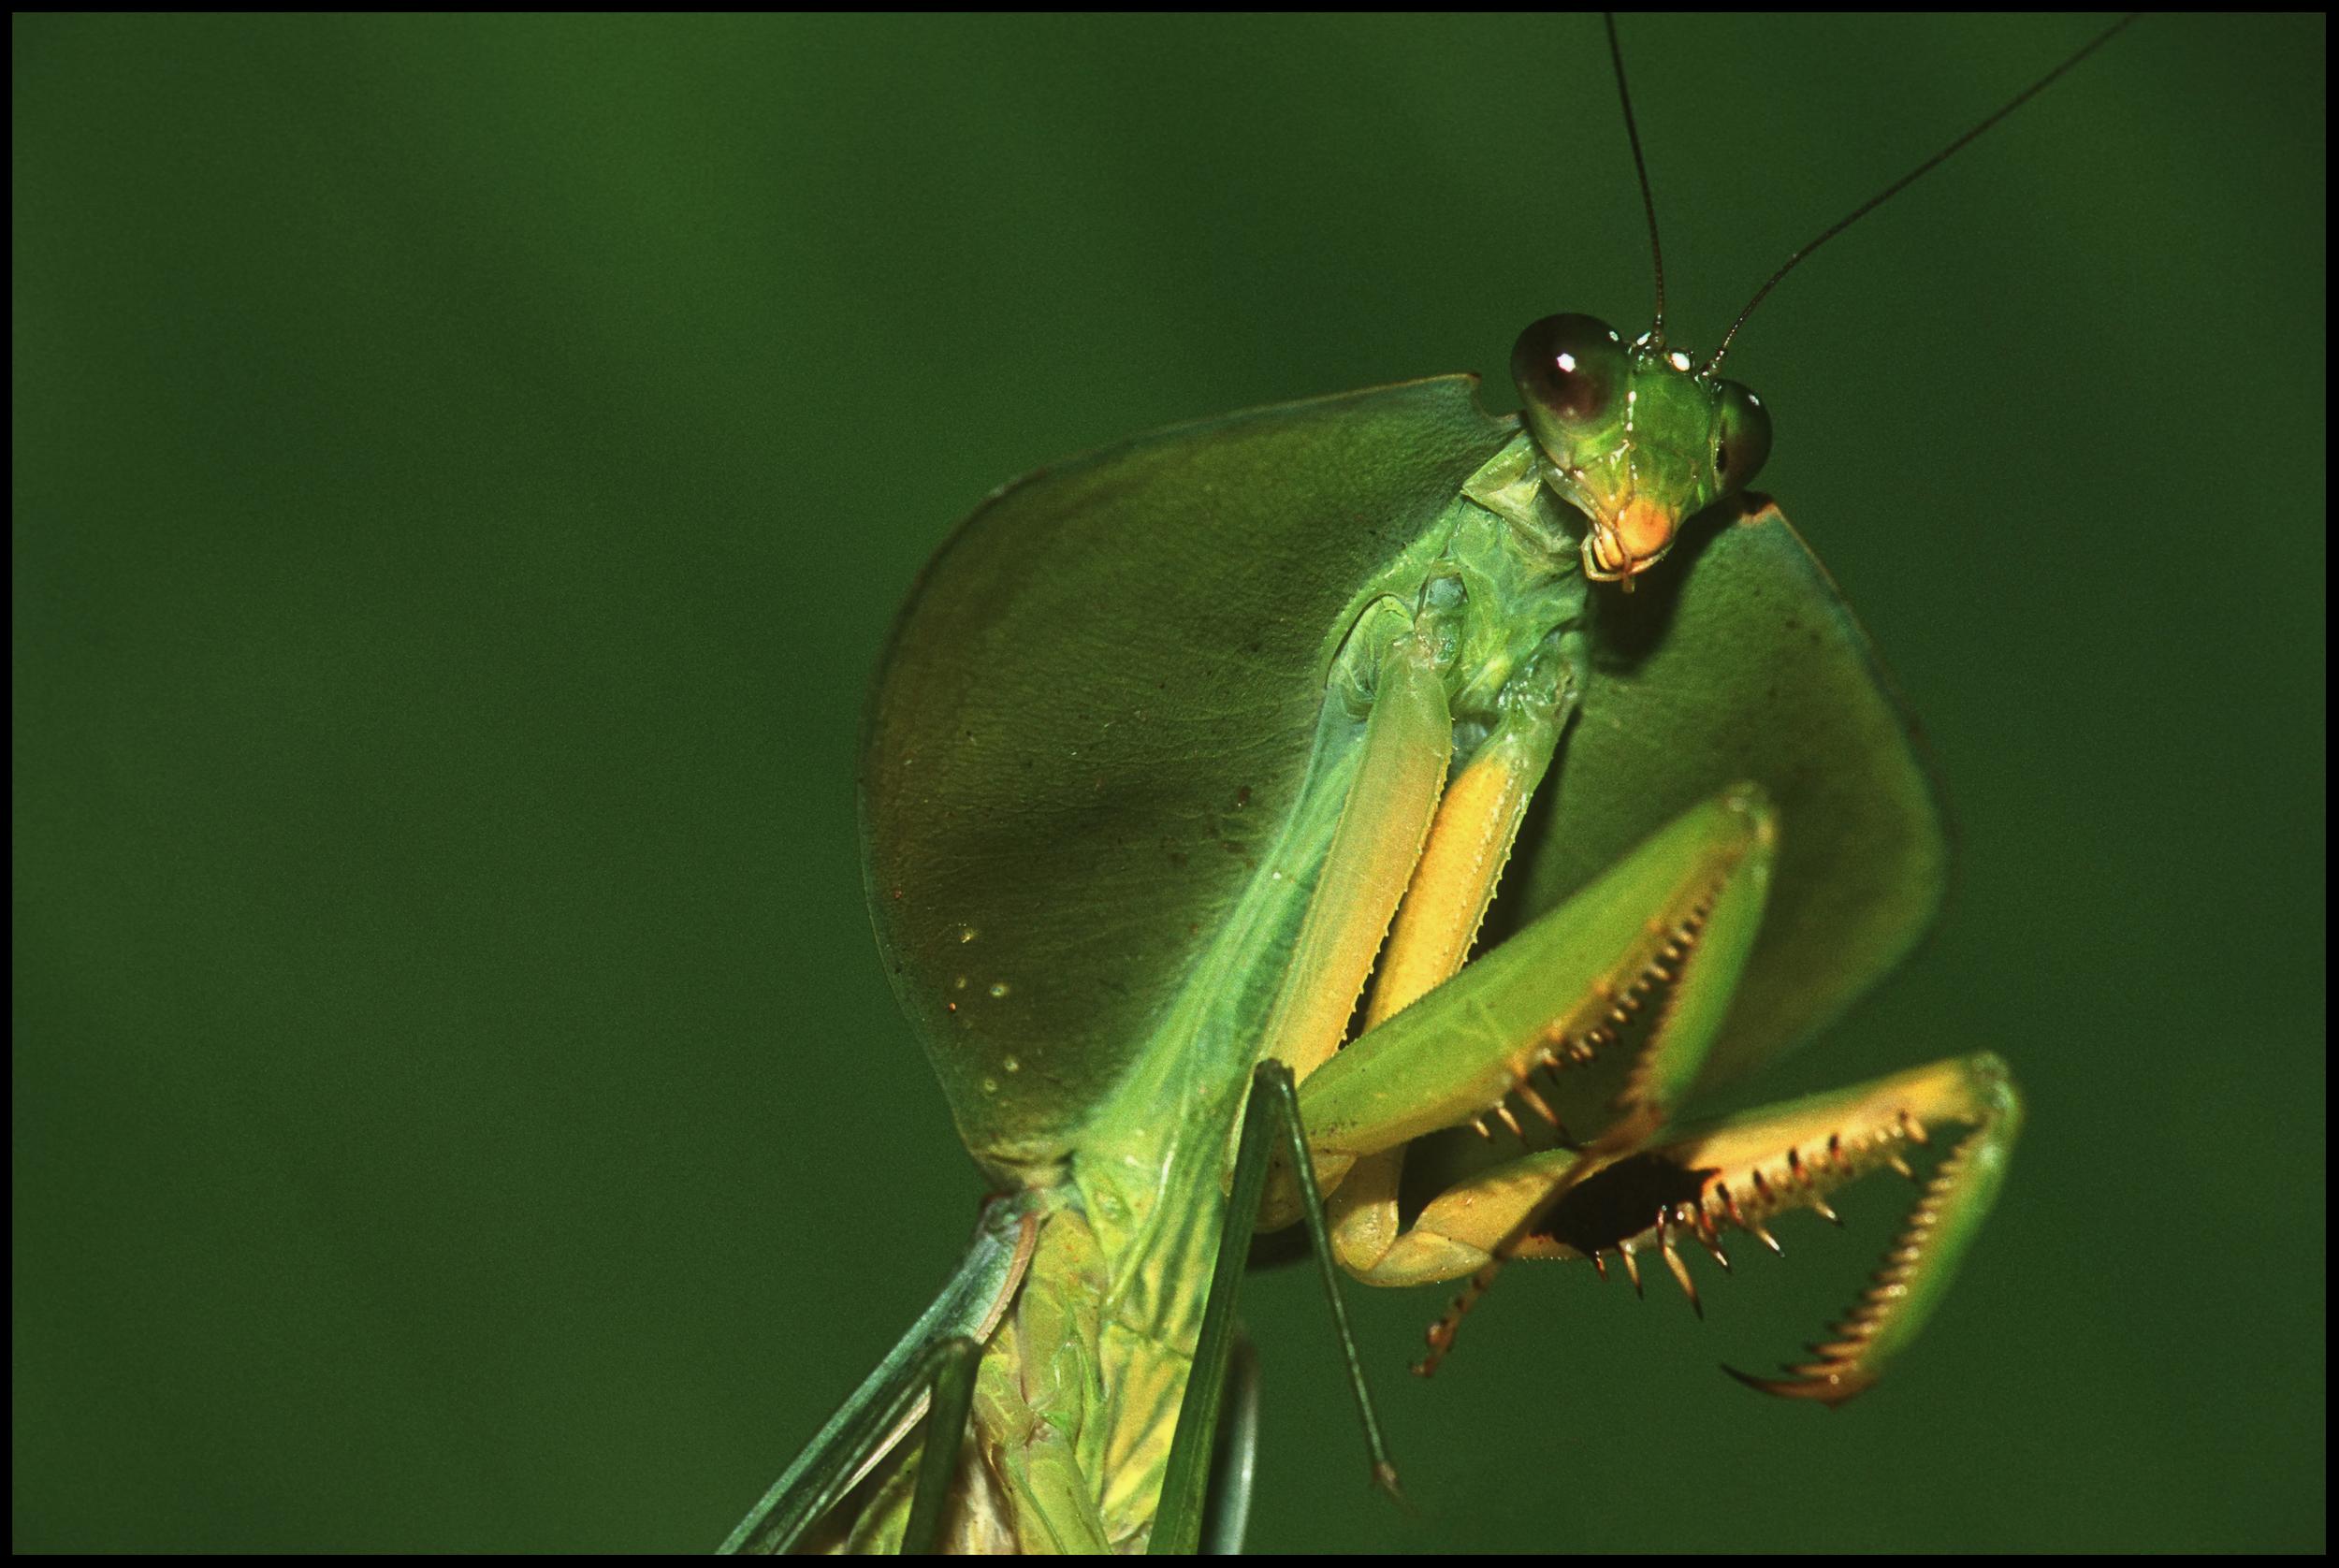 Unk. Mantis, Barro Colorado, Panama